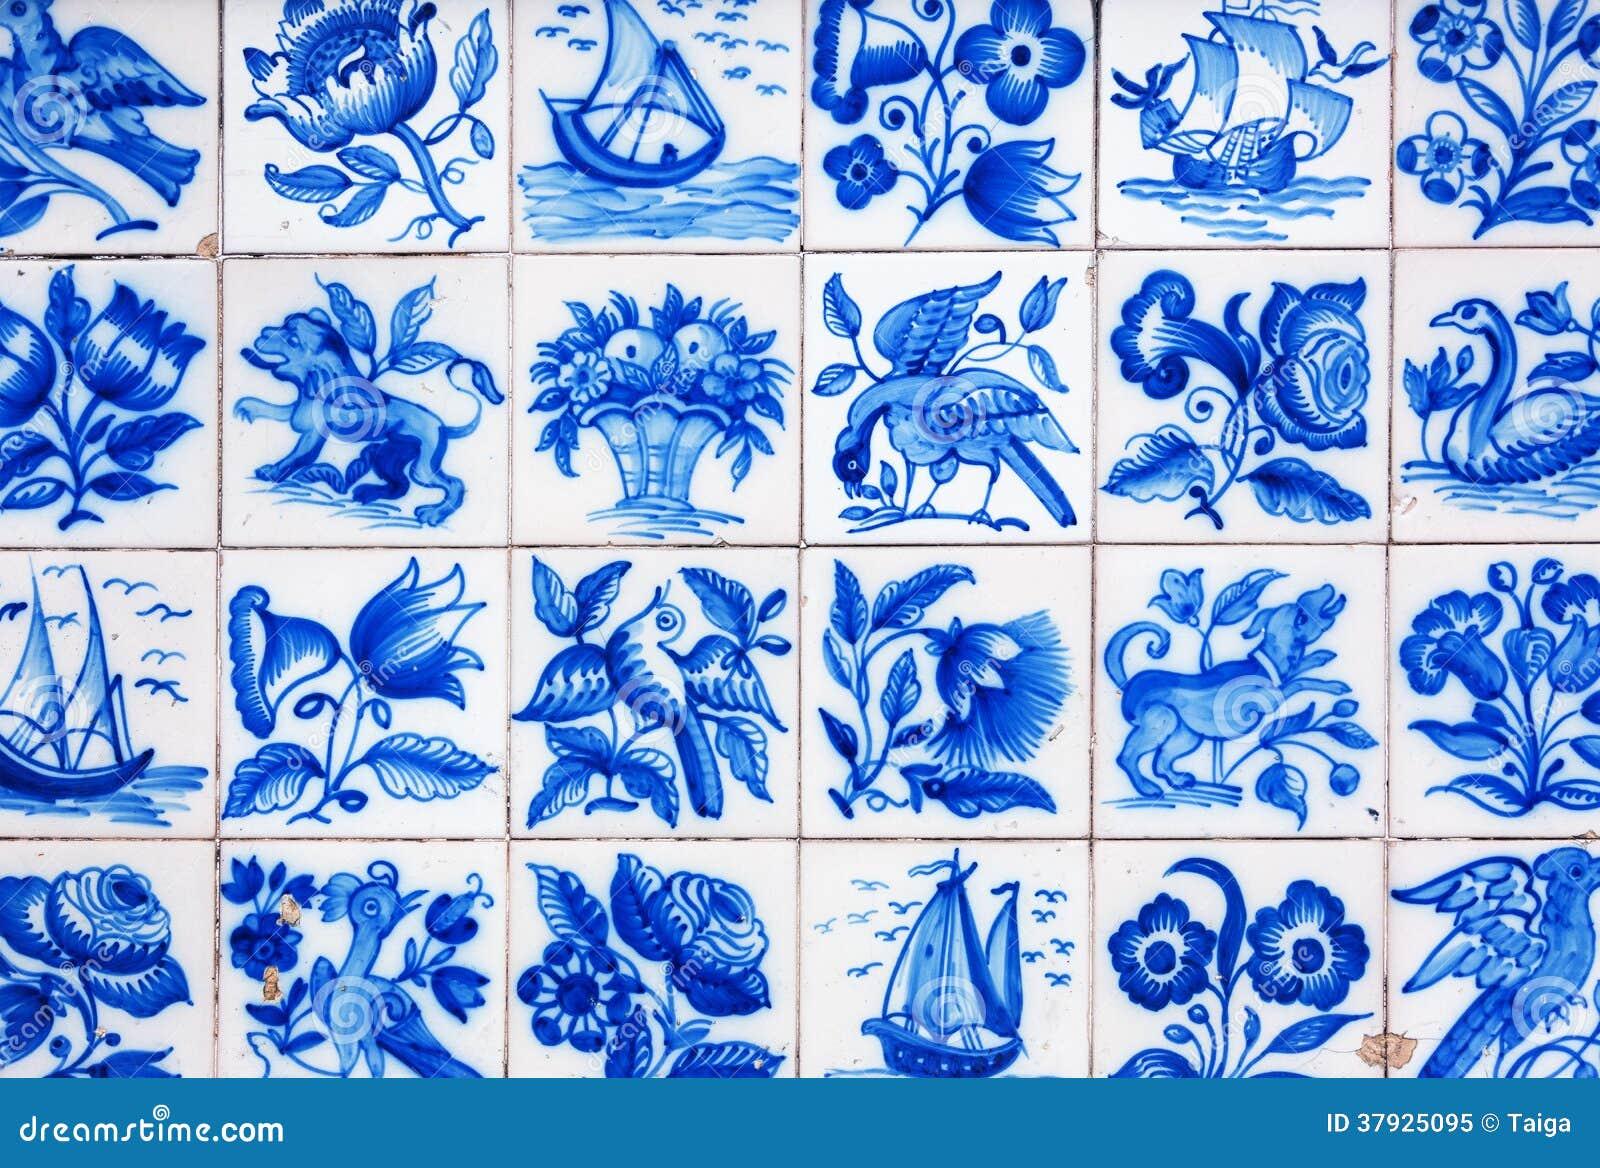 Handgemachte traditionelle portugiesische fliese azulejos for Fliesen portugal